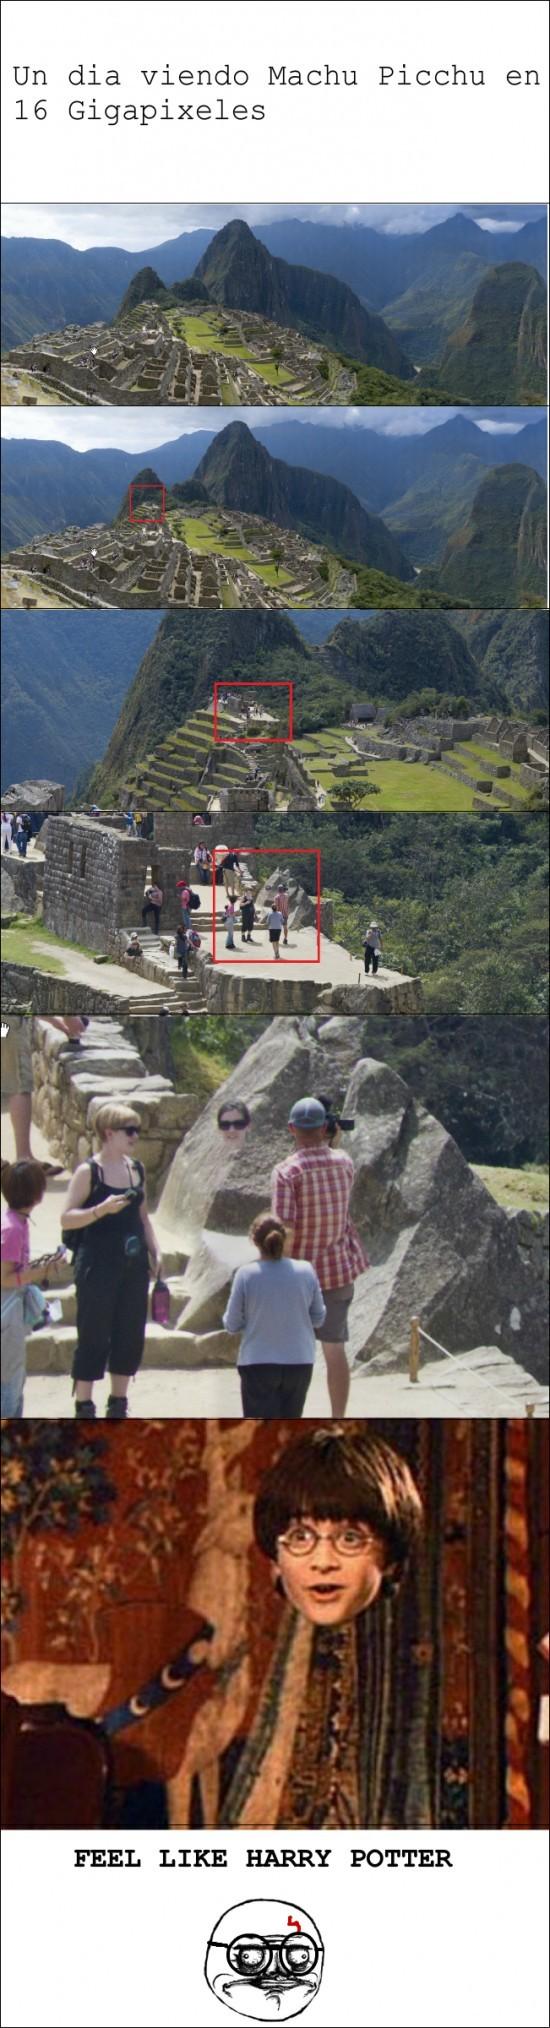 Machu Picchu en 16 Gigapixeles - meme